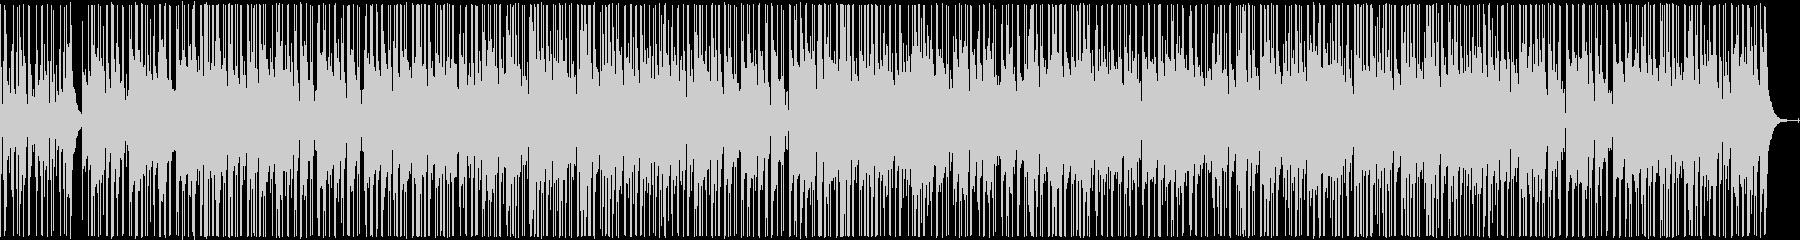 軽快なカシオペア風ジャズファンクの未再生の波形